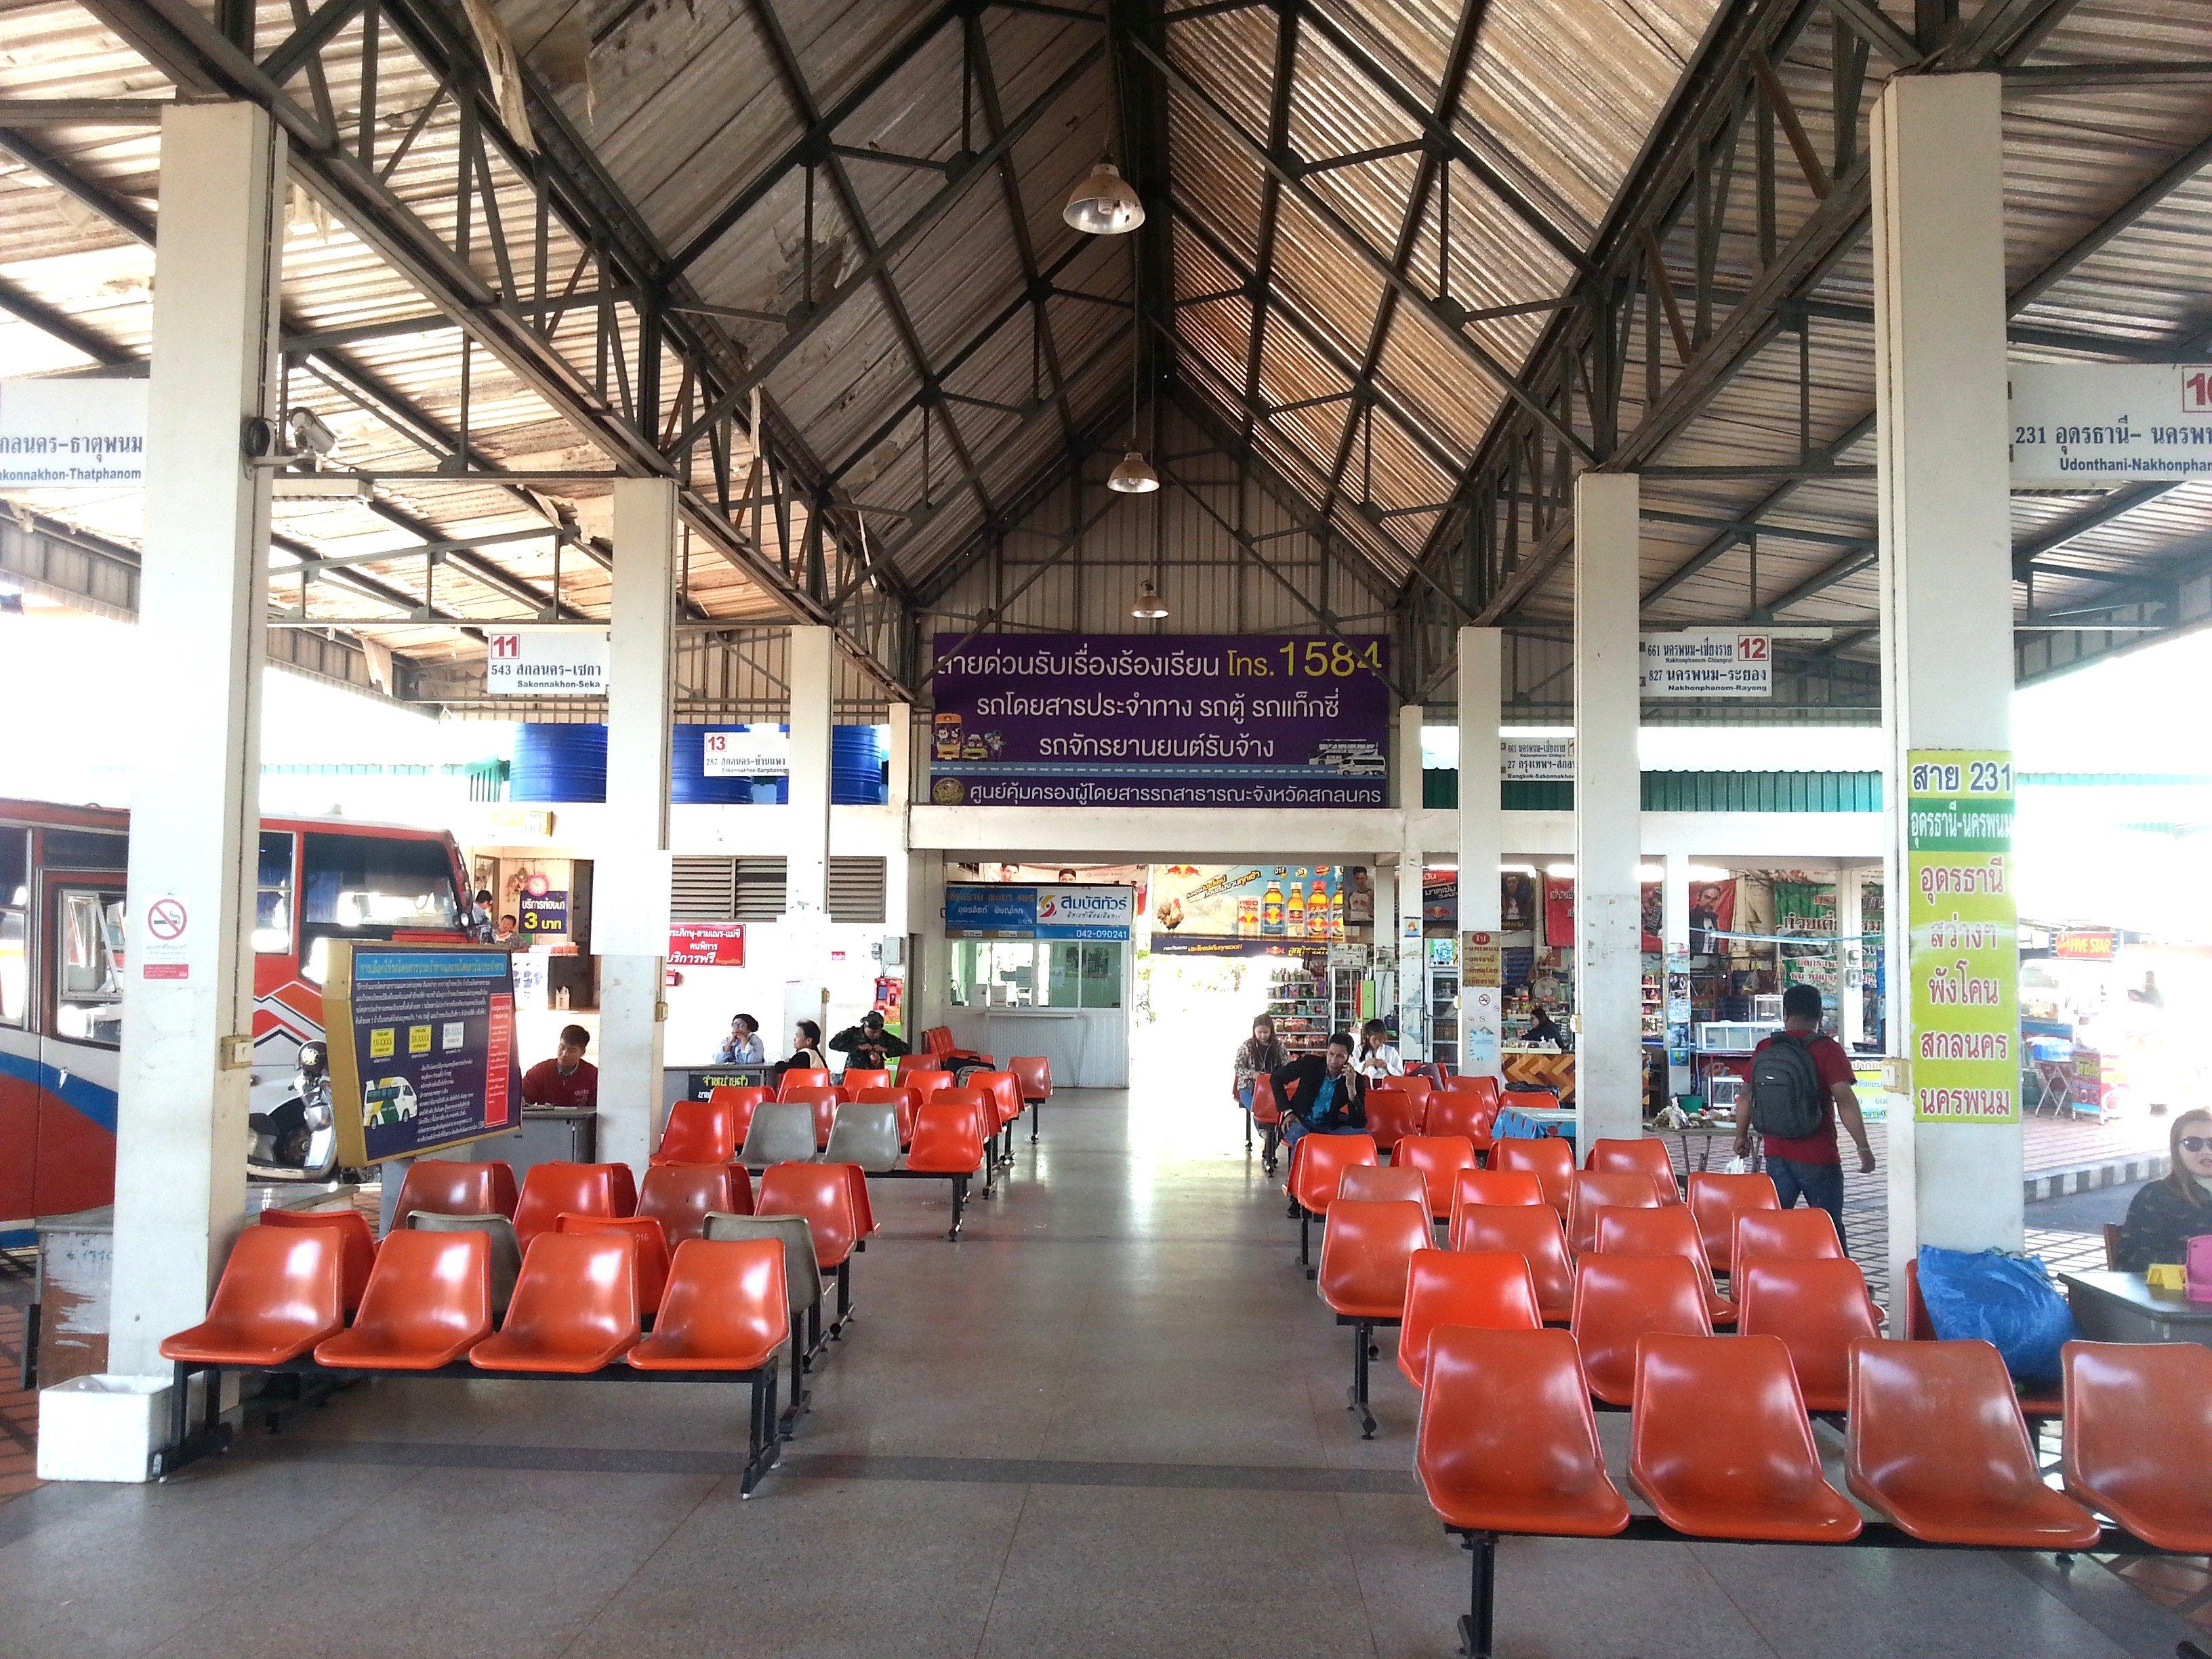 Inside Sakon Nakhon Bus Terminal 2